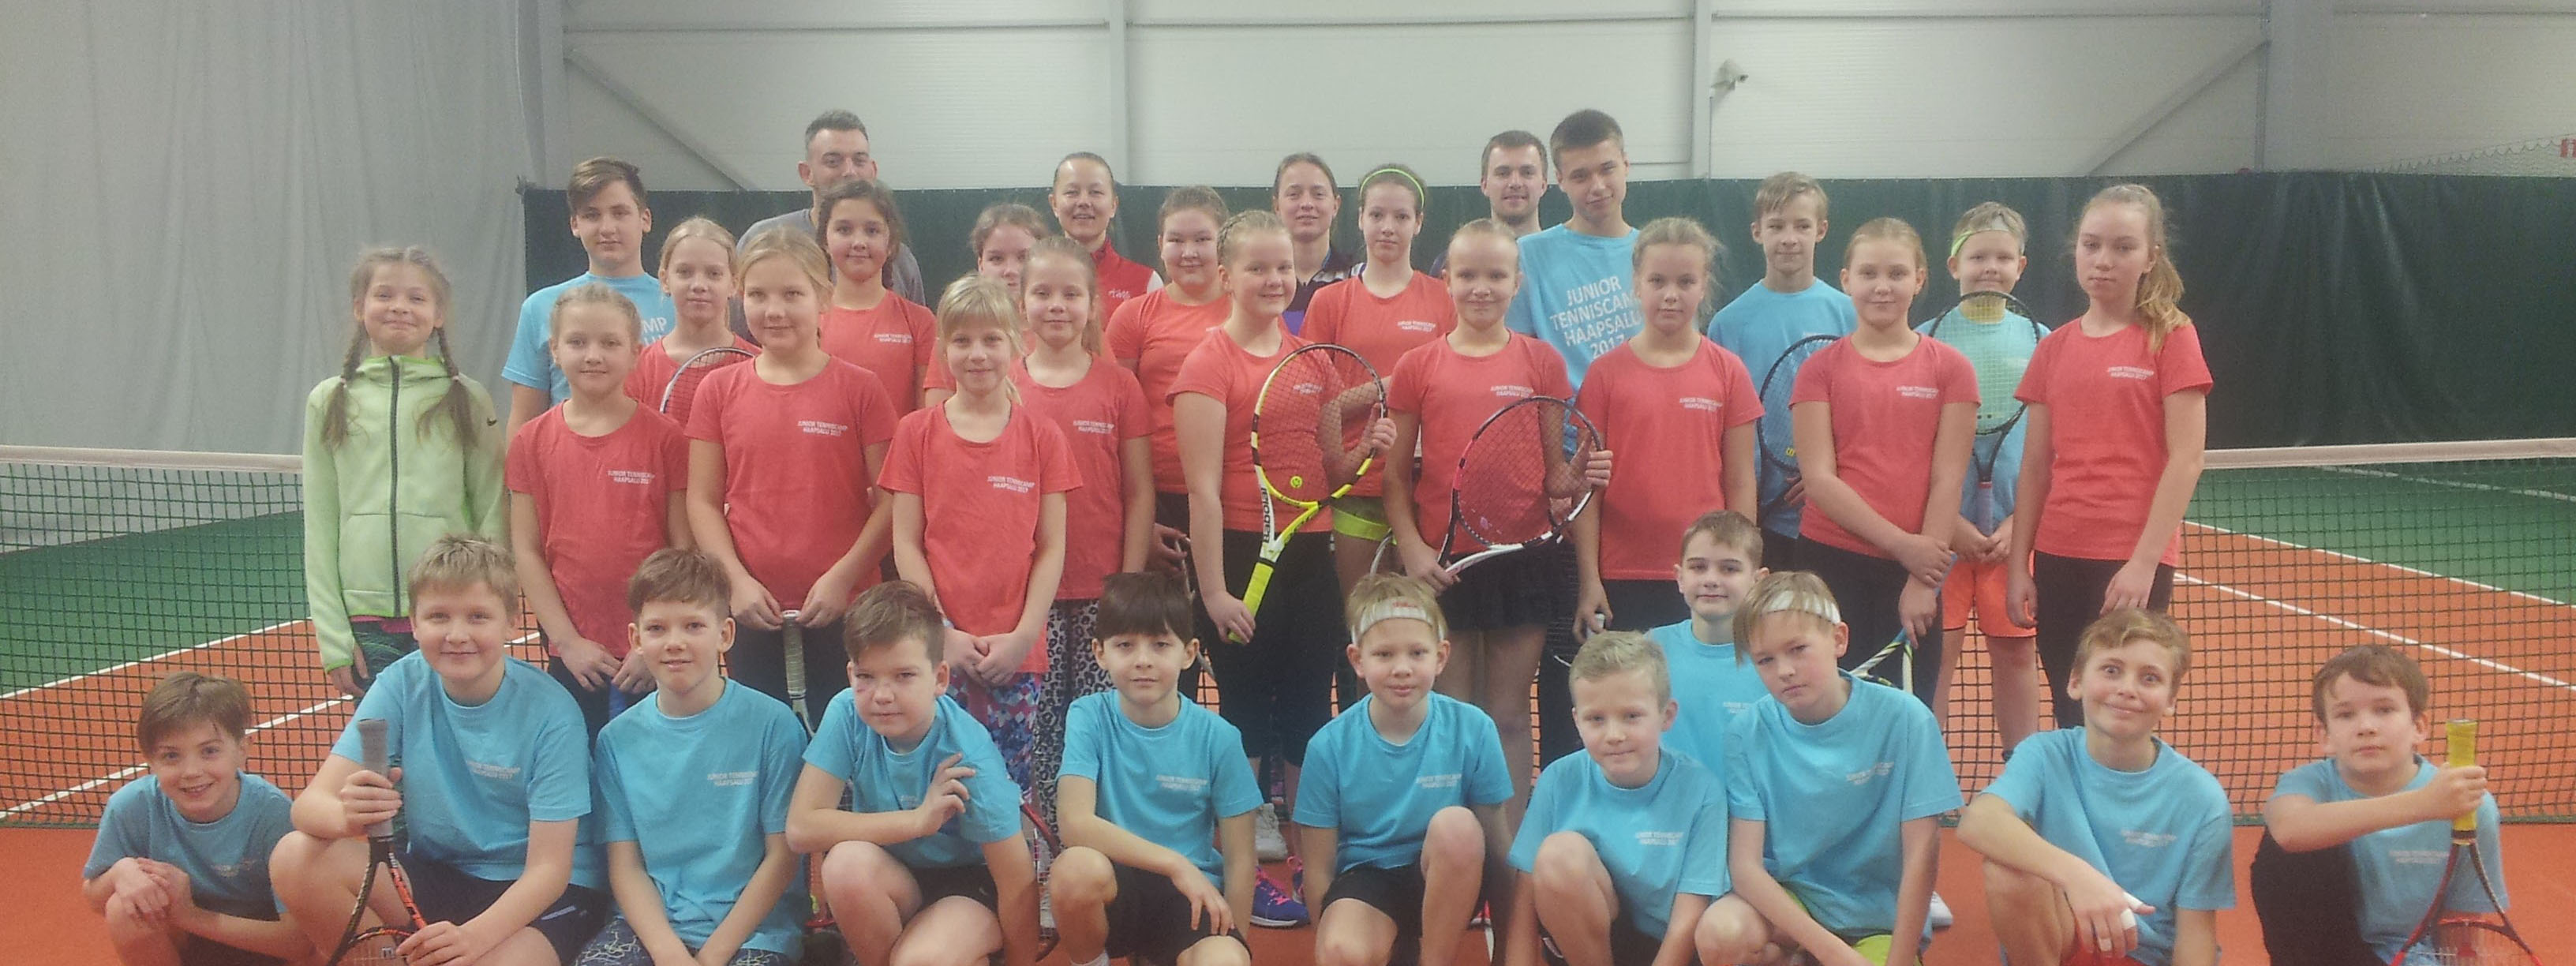 Regionaalne tenniselaager 2017